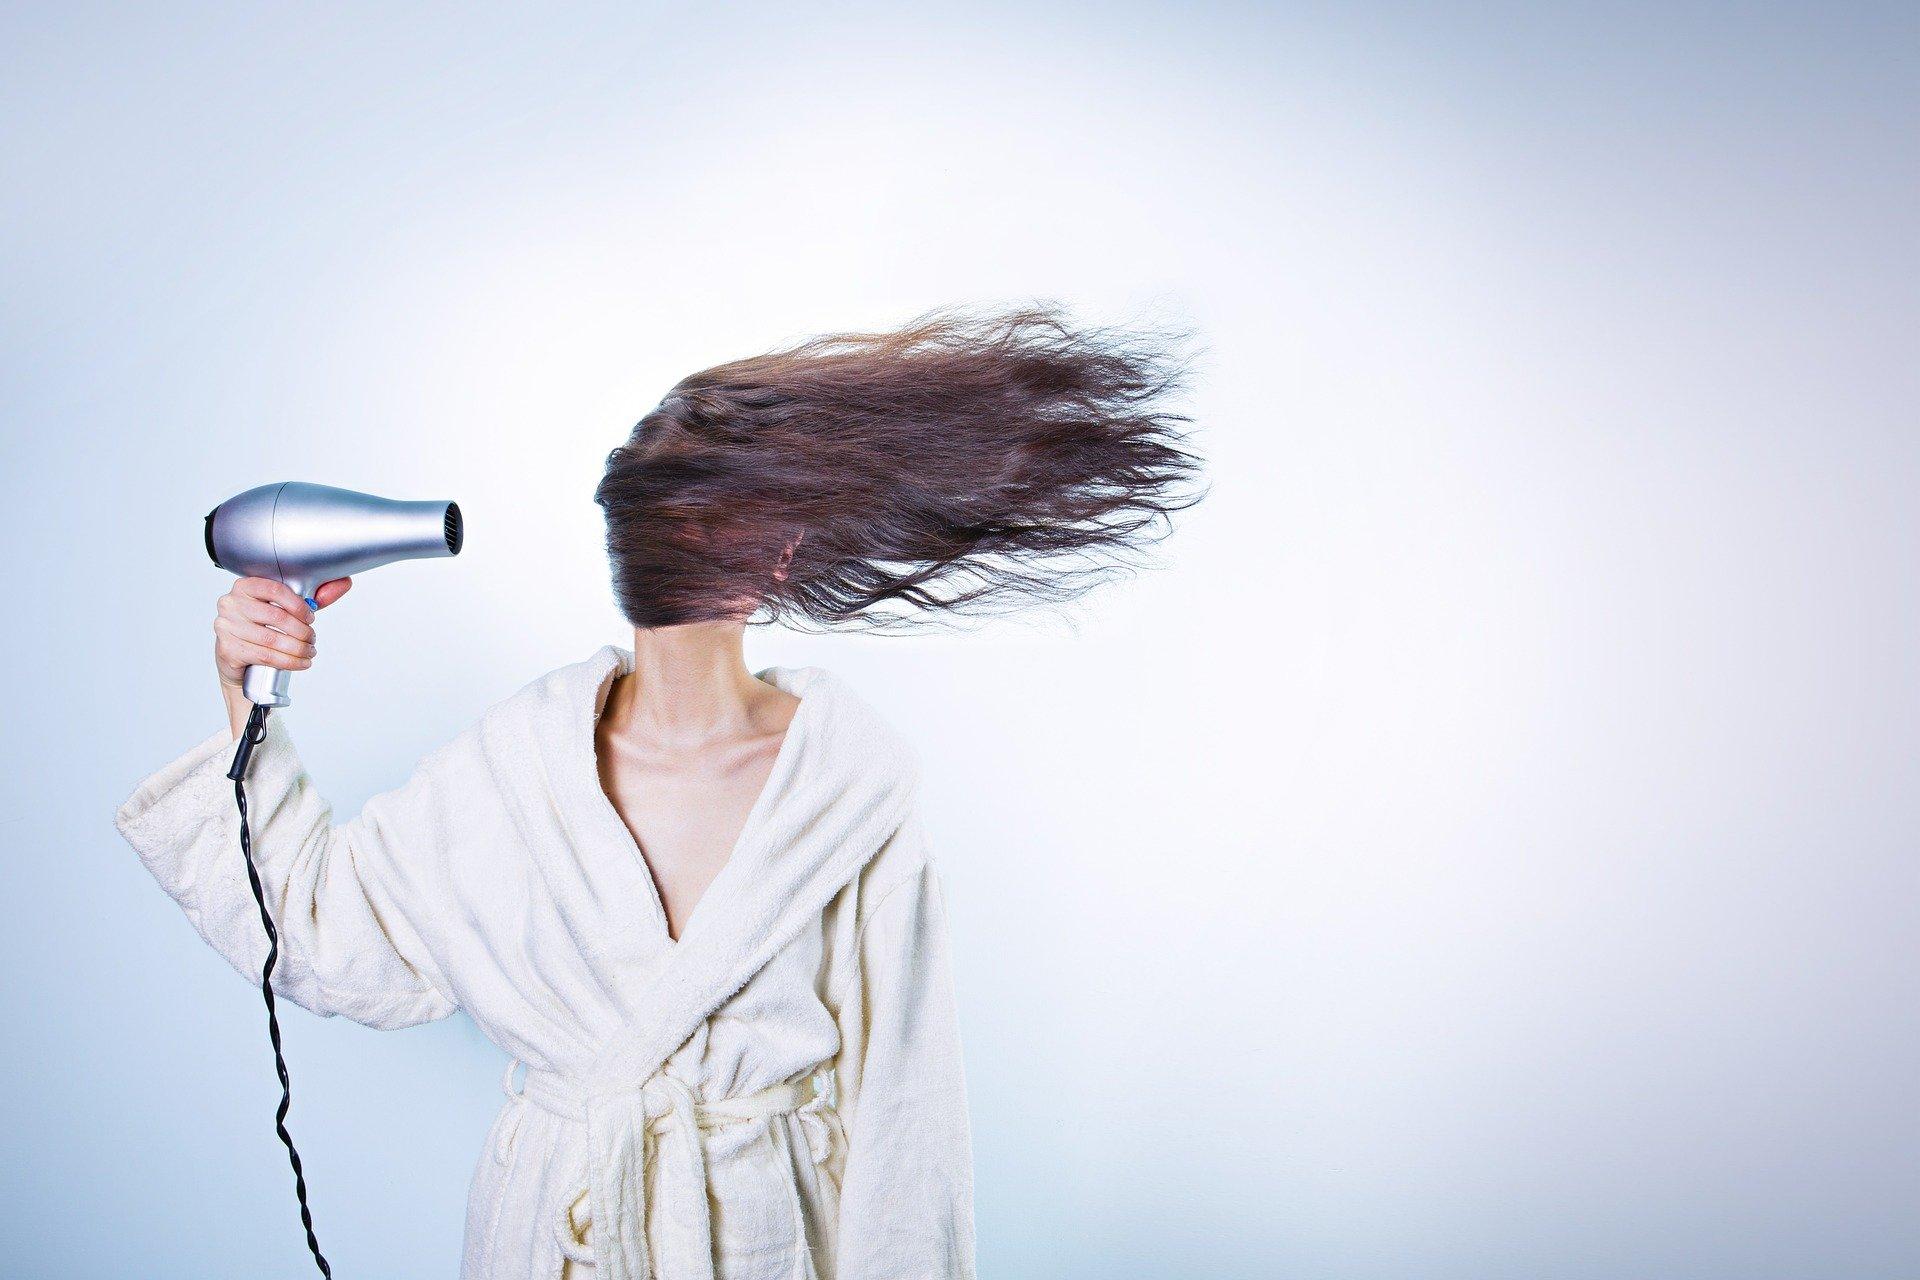 Na foto uma mulher de roupão com um secador de cabelo na mão.